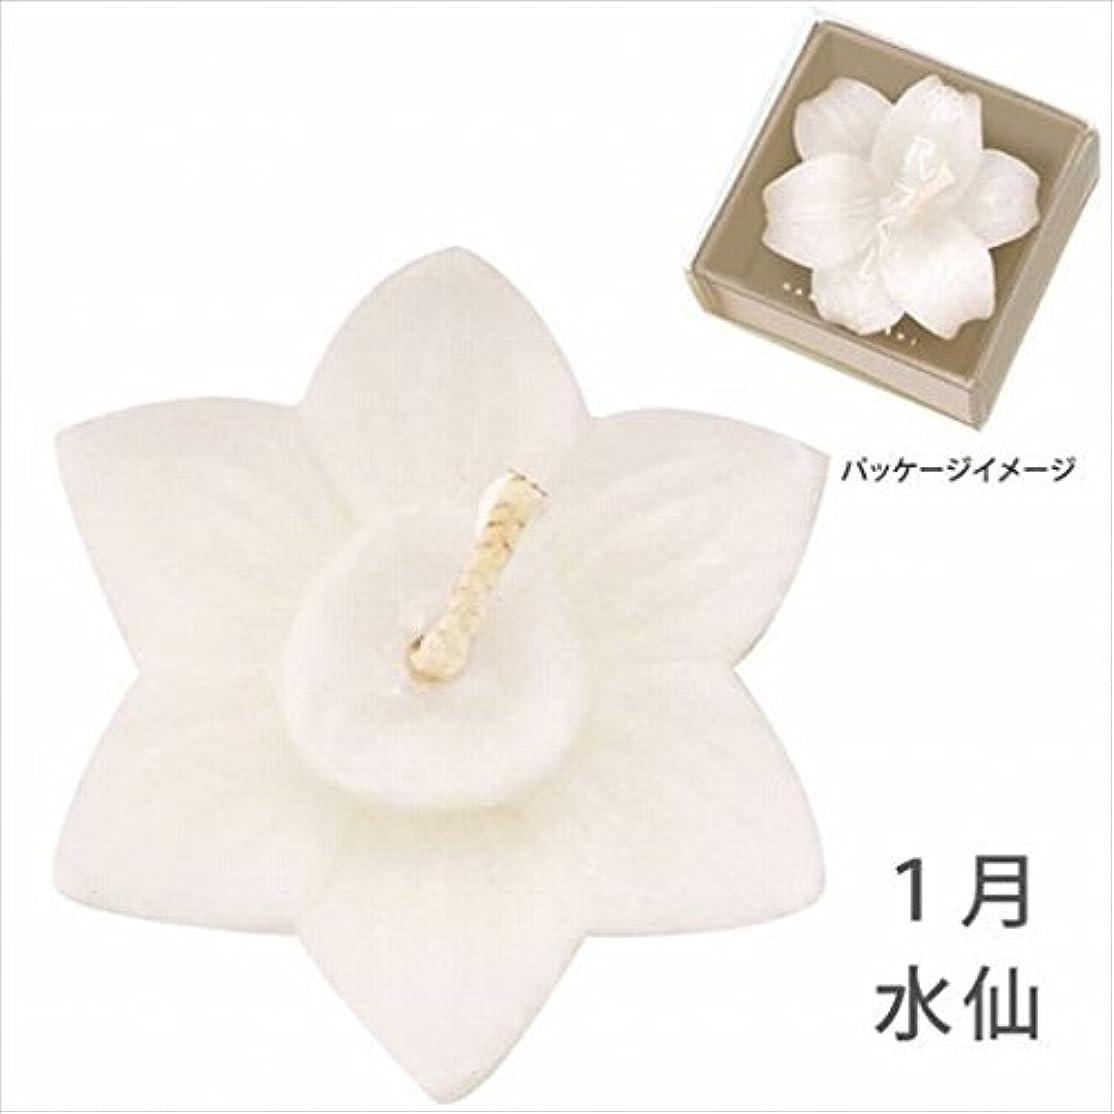 卒業普通の食い違いカメヤマキャンドル( kameyama candle ) 花づくし(植物性) 水仙 「 水仙(1月) 」 キャンドル